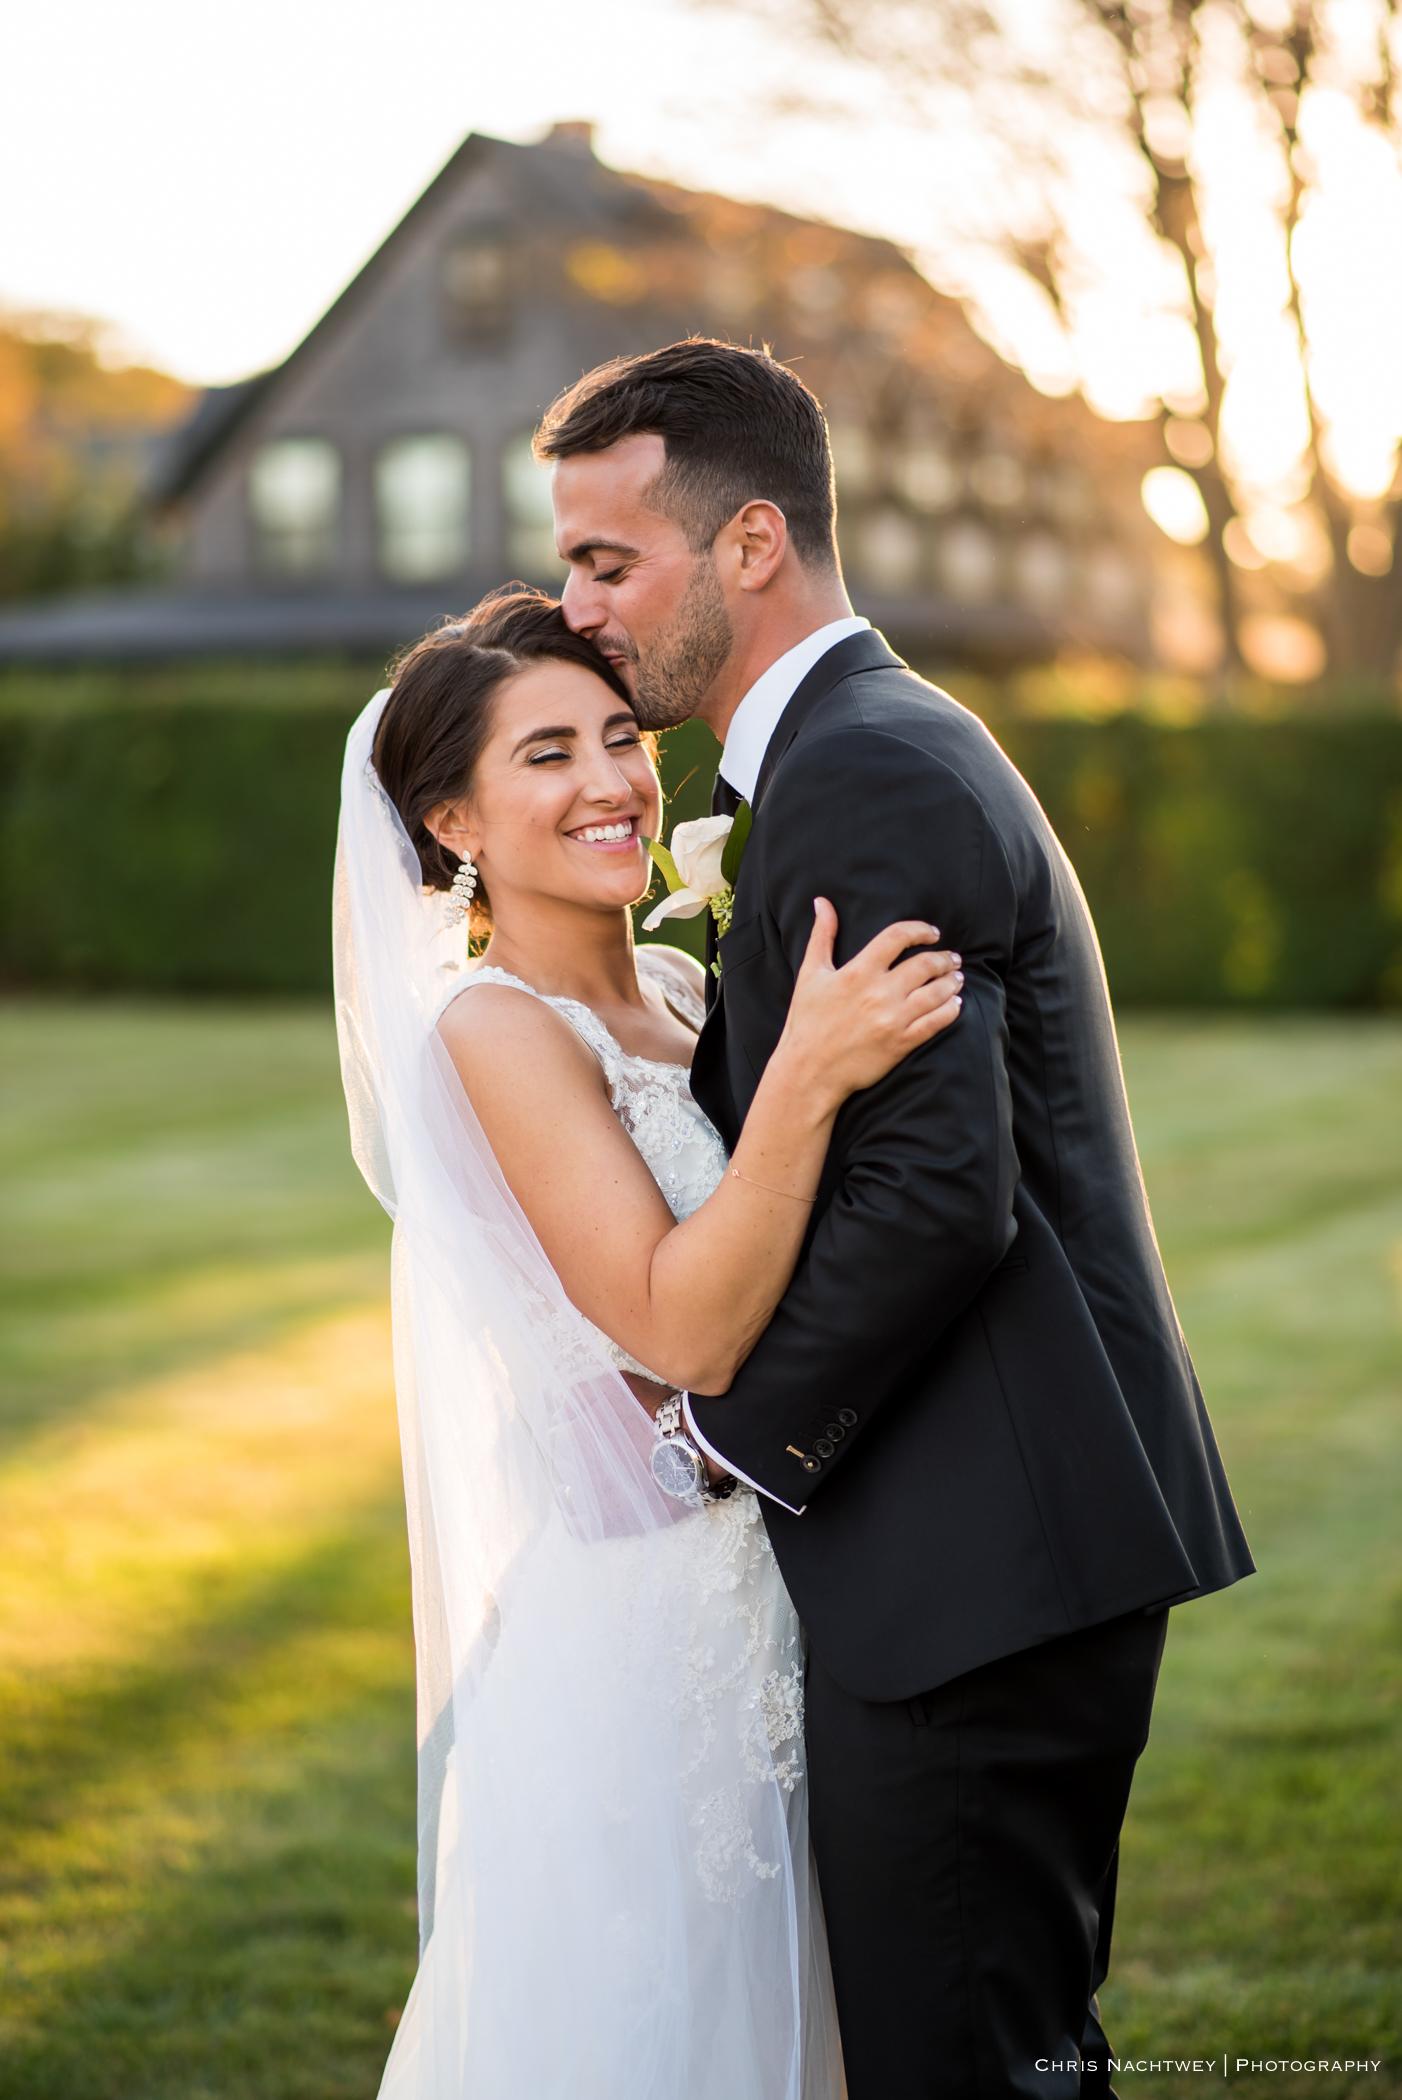 lauren-shaun-the-towers-ri-wedding-chris-nachtwey-photography-2017-30.jpg